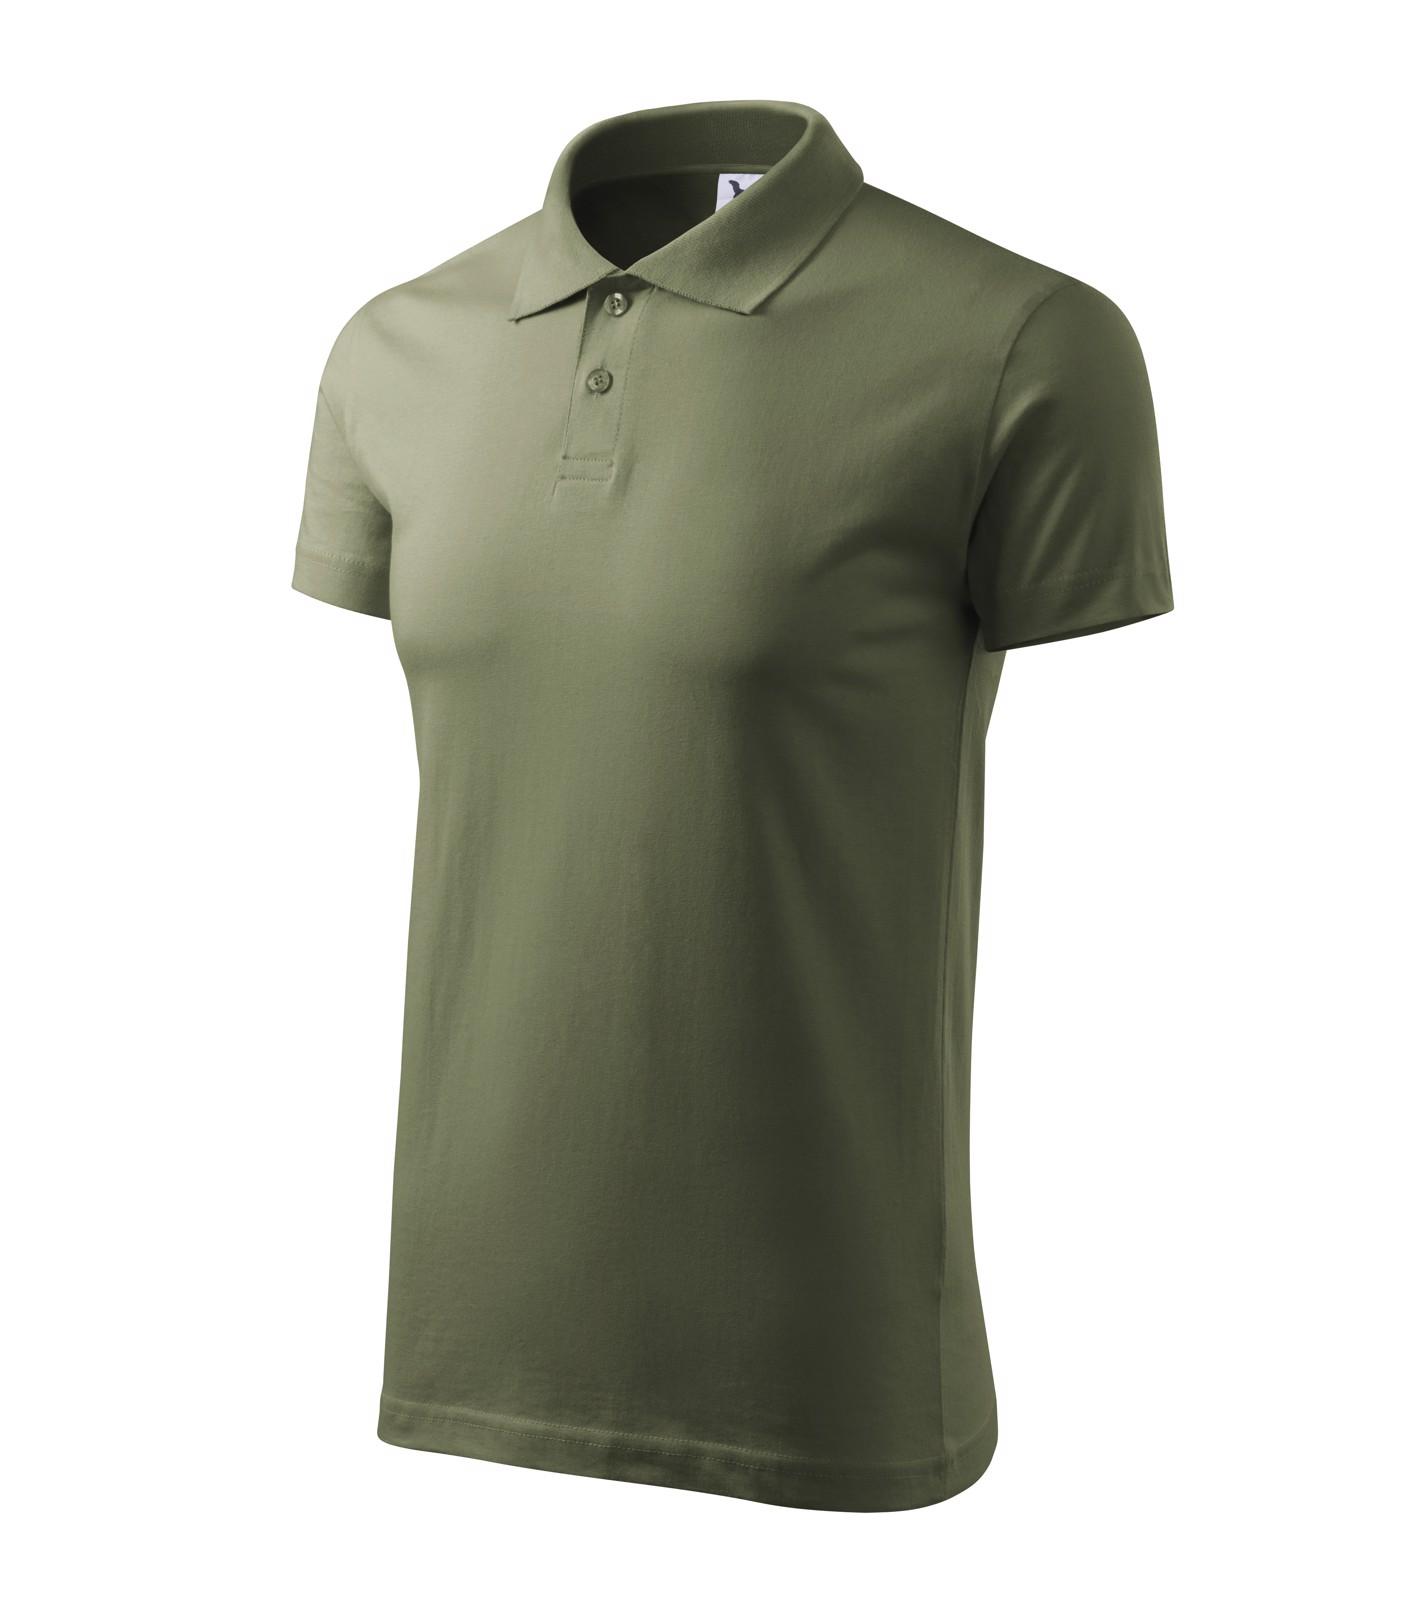 Polo Shirt men's Malfini Single J. - Khaki / L